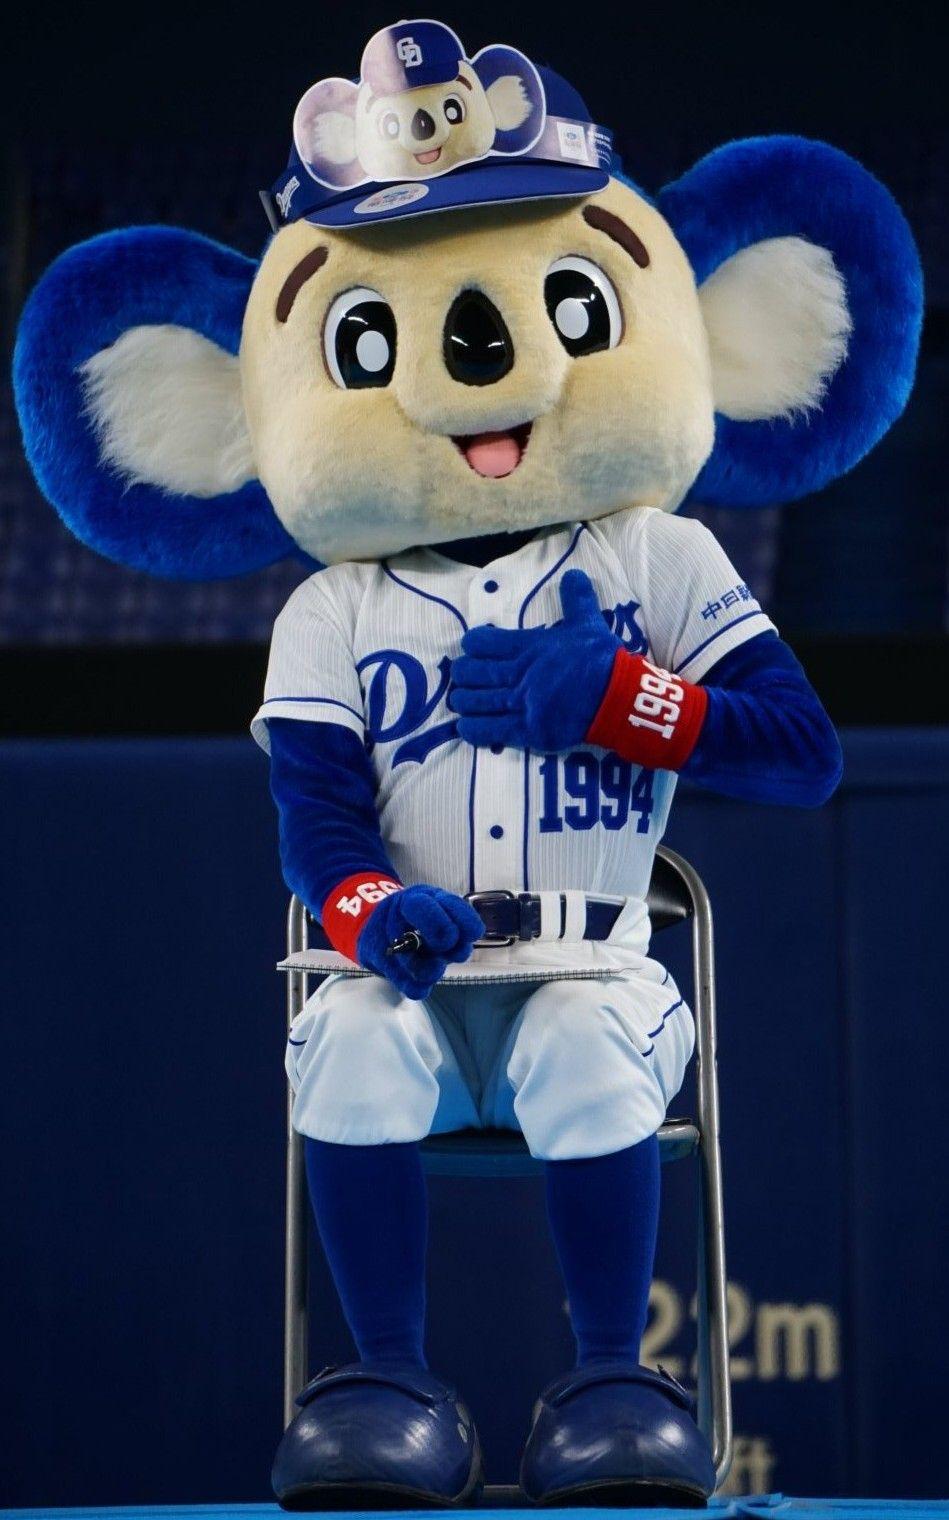 ドアラ Doara Orbit Astros おしゃれまとめの人気アイデア Pinterest Karry Hearts 球団マスコット ドアラ 面白いもの